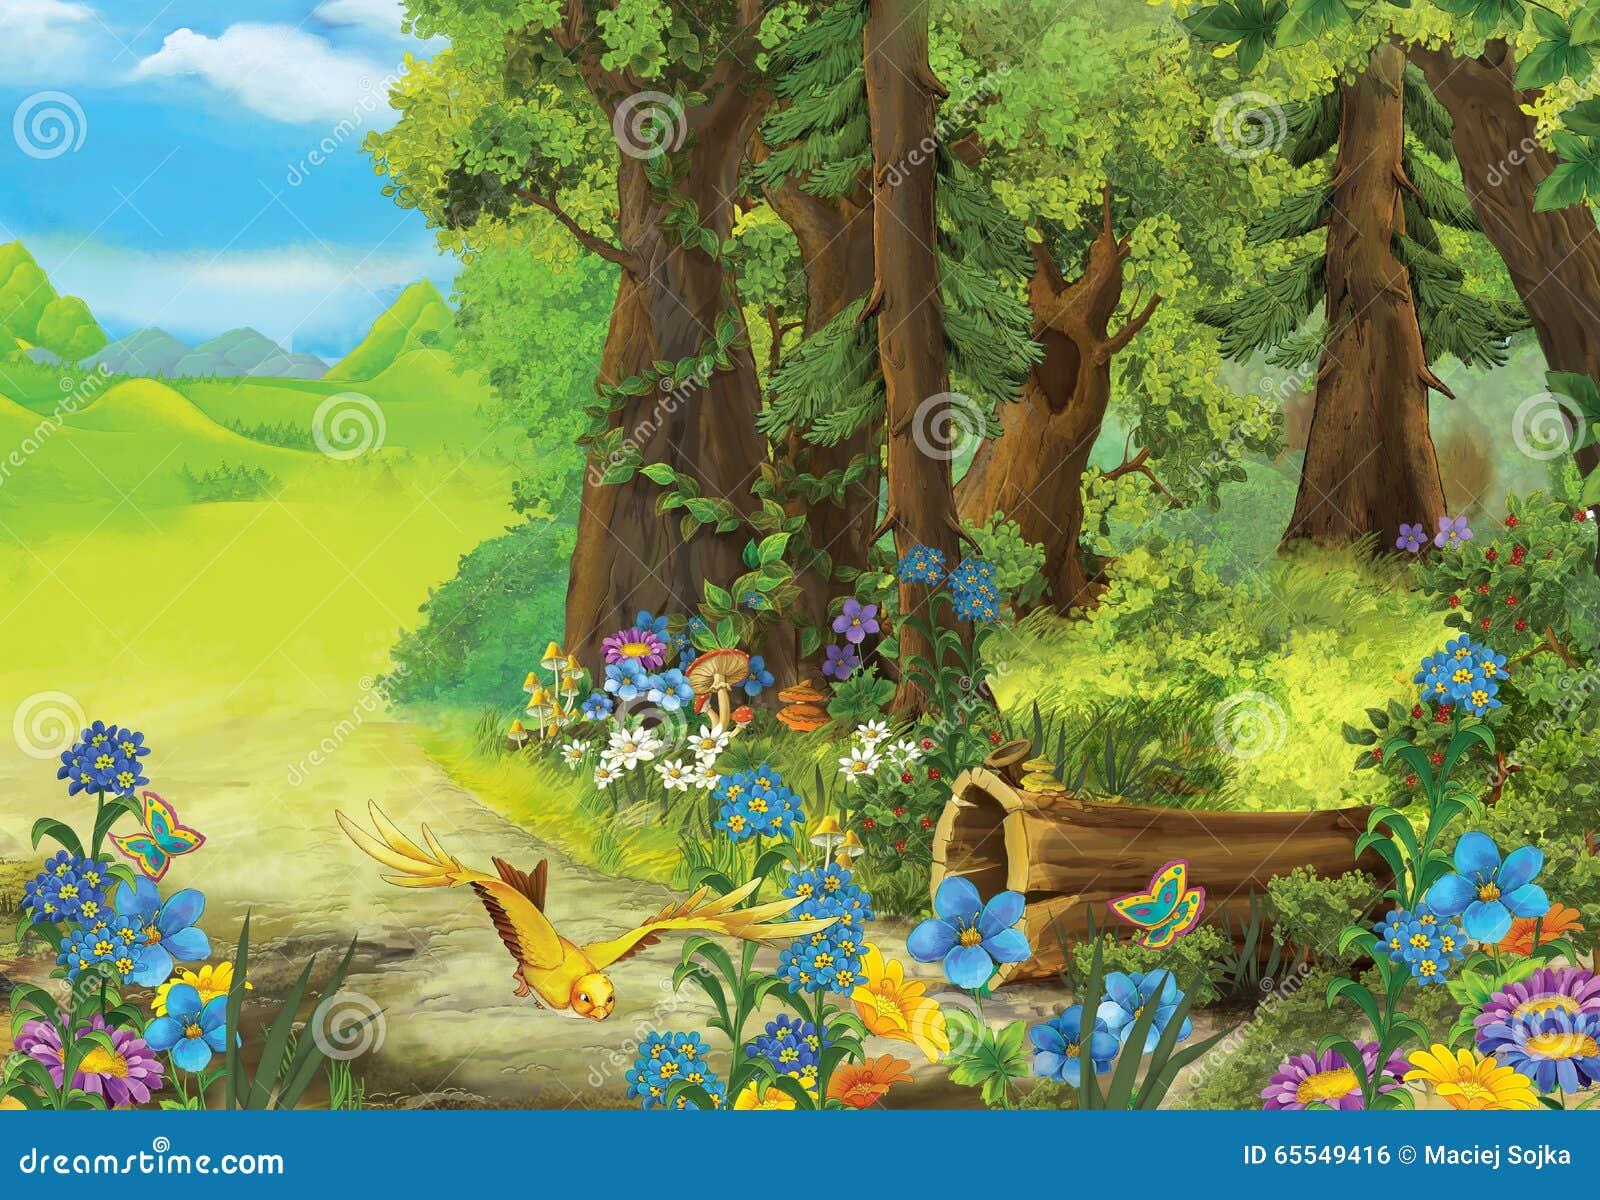 Сказочный лес фон для фотосъемки детей фоны фотостудия грибы эльфы ... | 992x1300